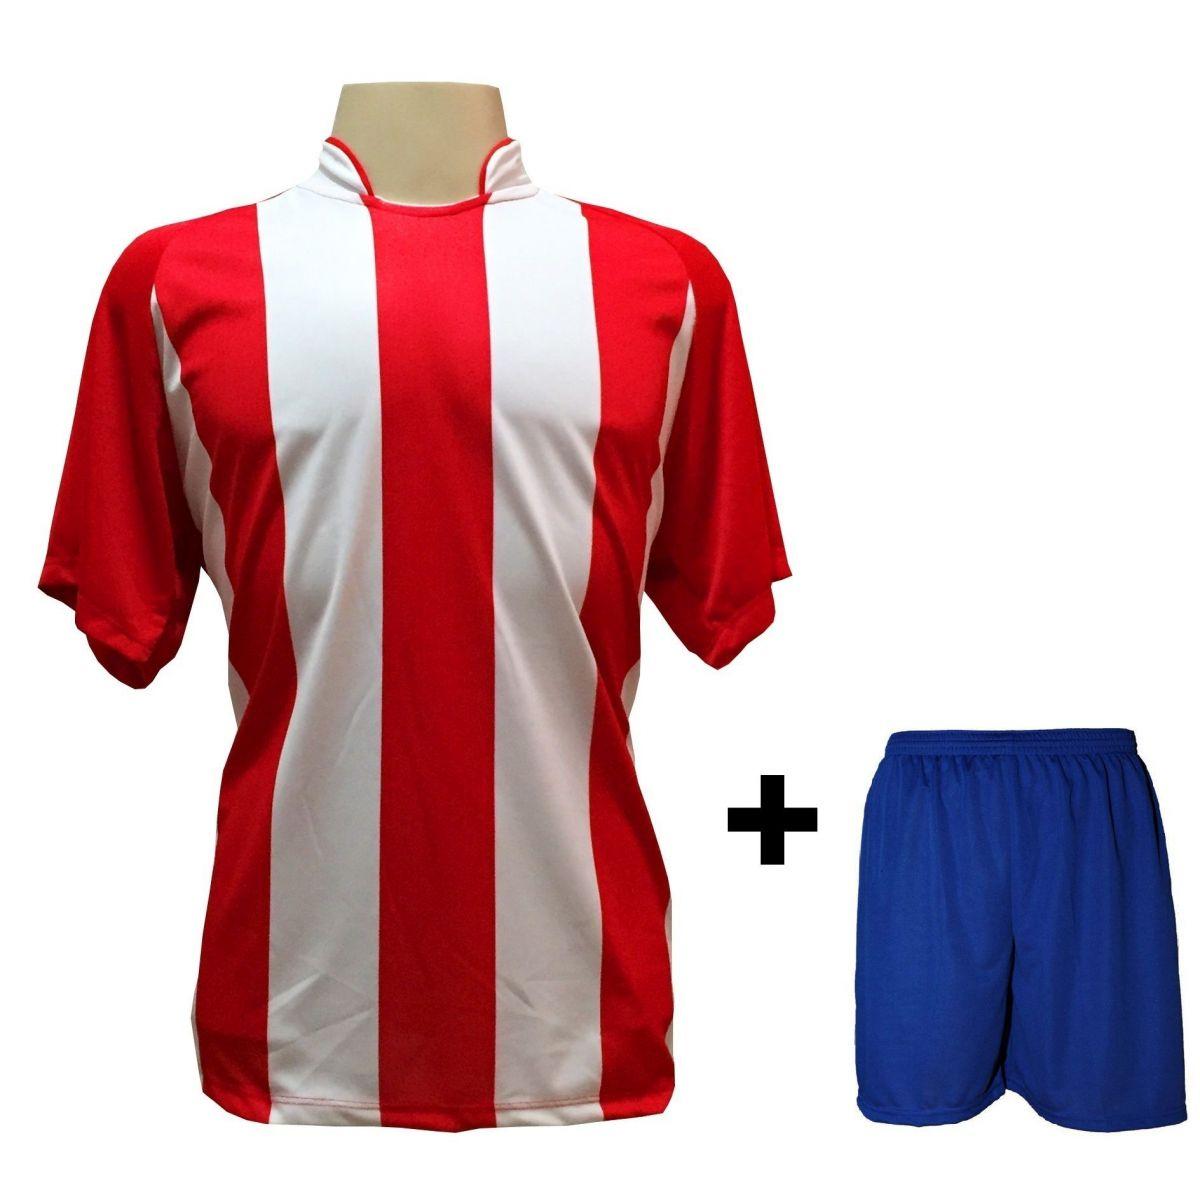 Uniforme Esportivo com 12 camisas modelo Milan Vermelho/Branco + 12 calções modelo Madrid Royal + Brindes